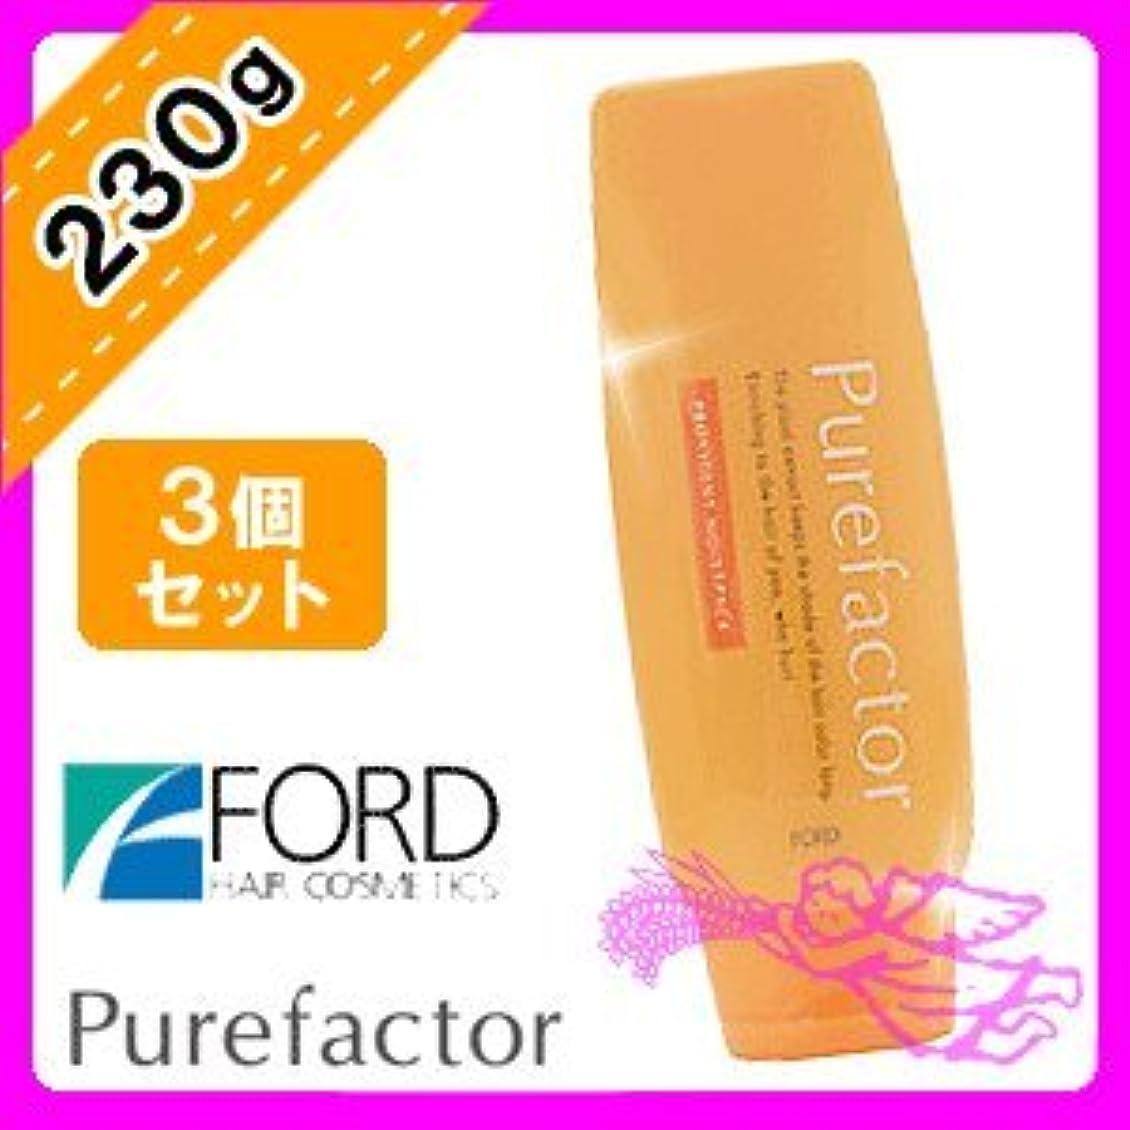 フォード ピュアファクター モイストパック 230g ×3個 セット FORD Pure factor